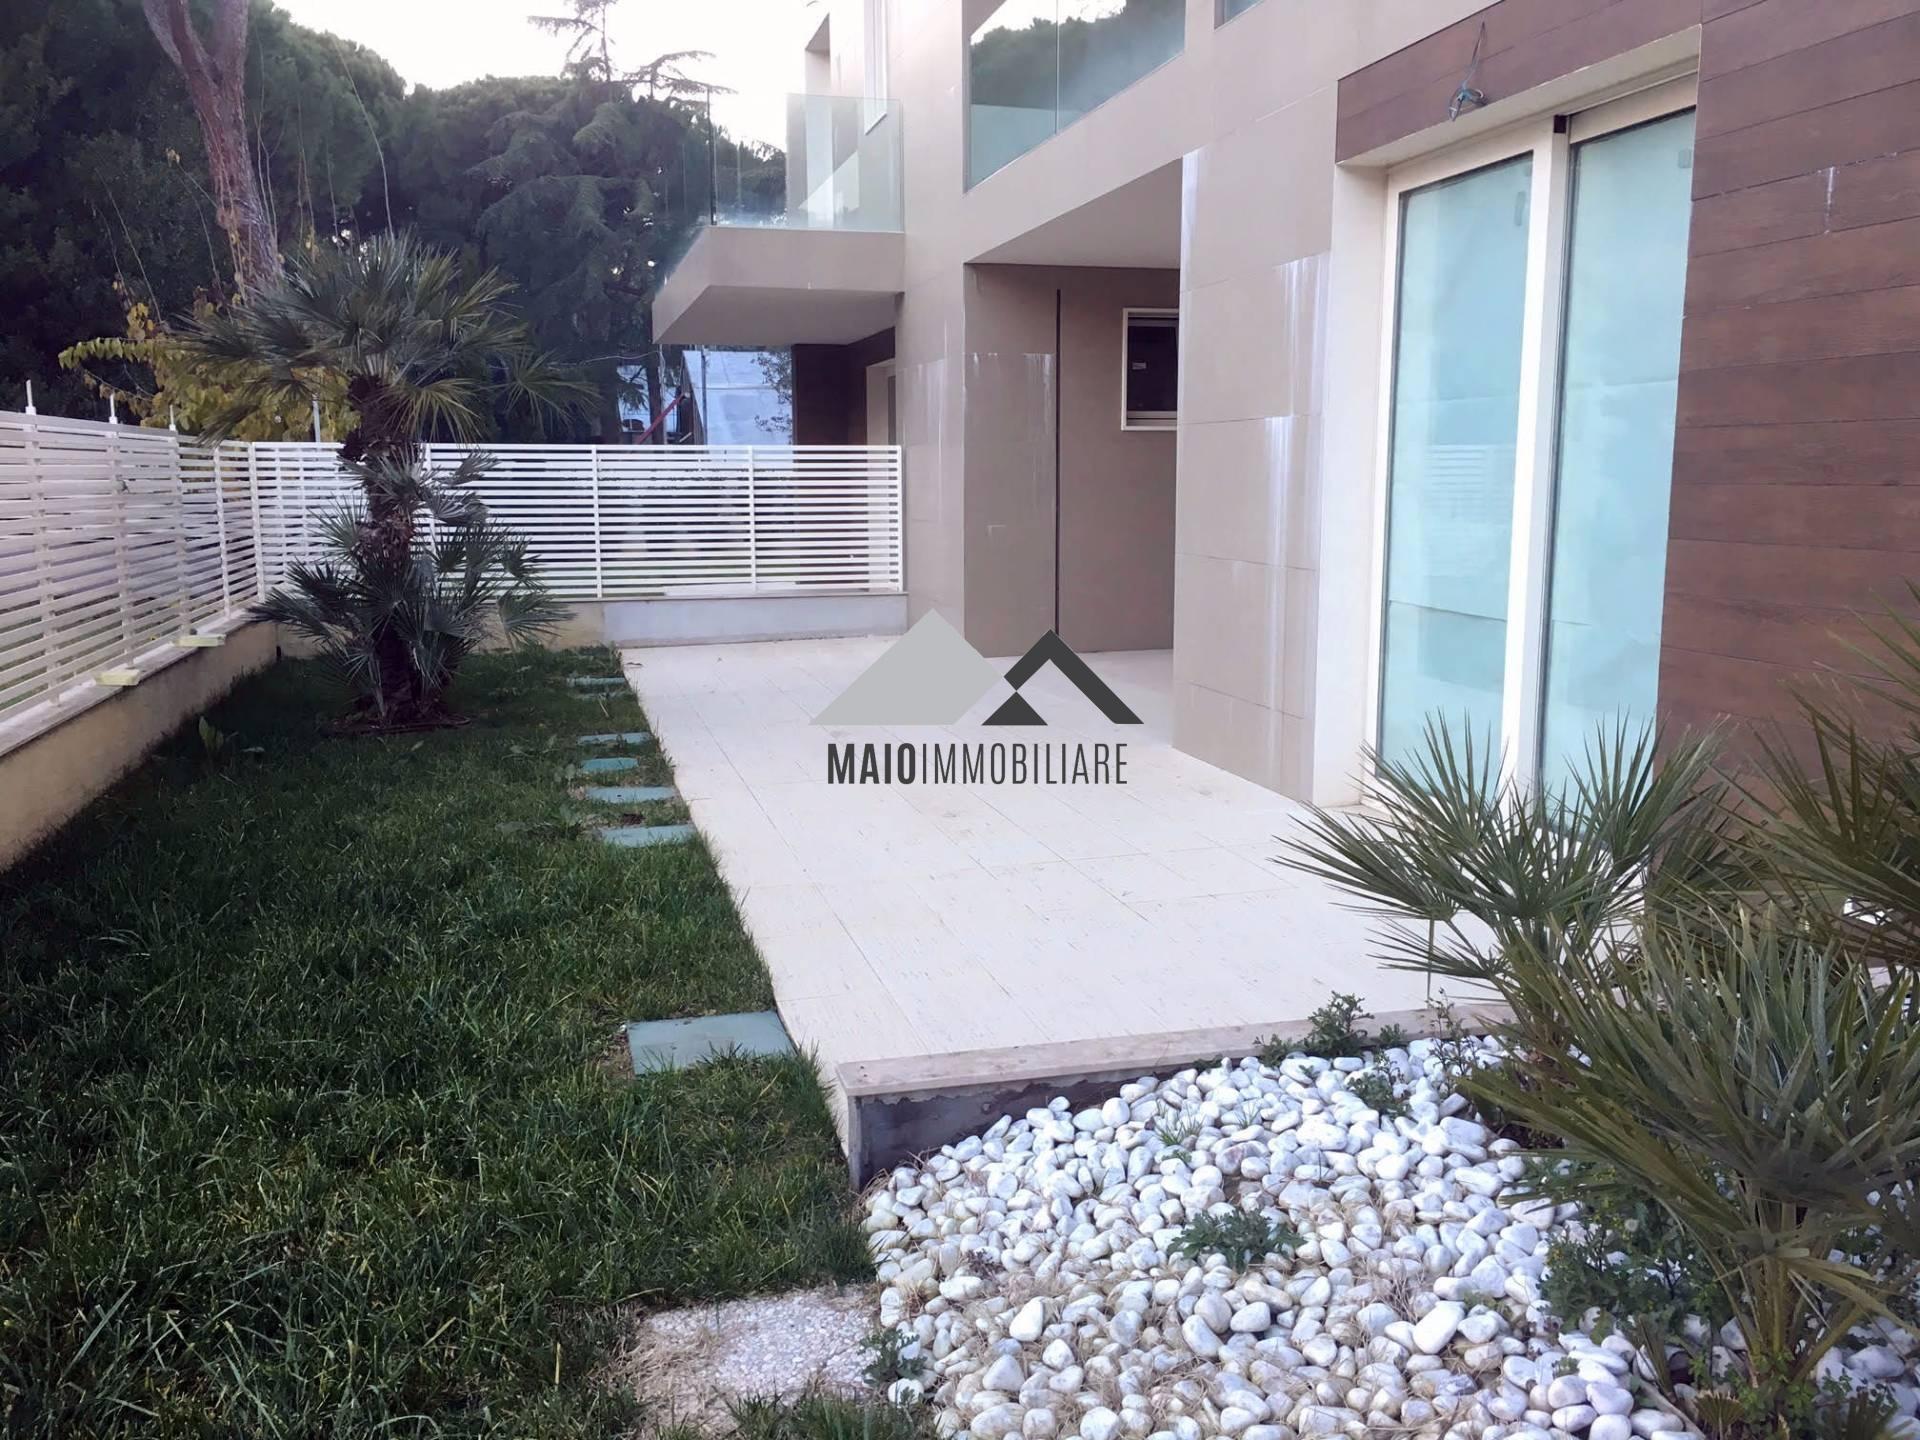 Appartamento in vendita a Riccione, 3 locali, zona Località: PAESE, prezzo € 510.000 | Cambio Casa.it